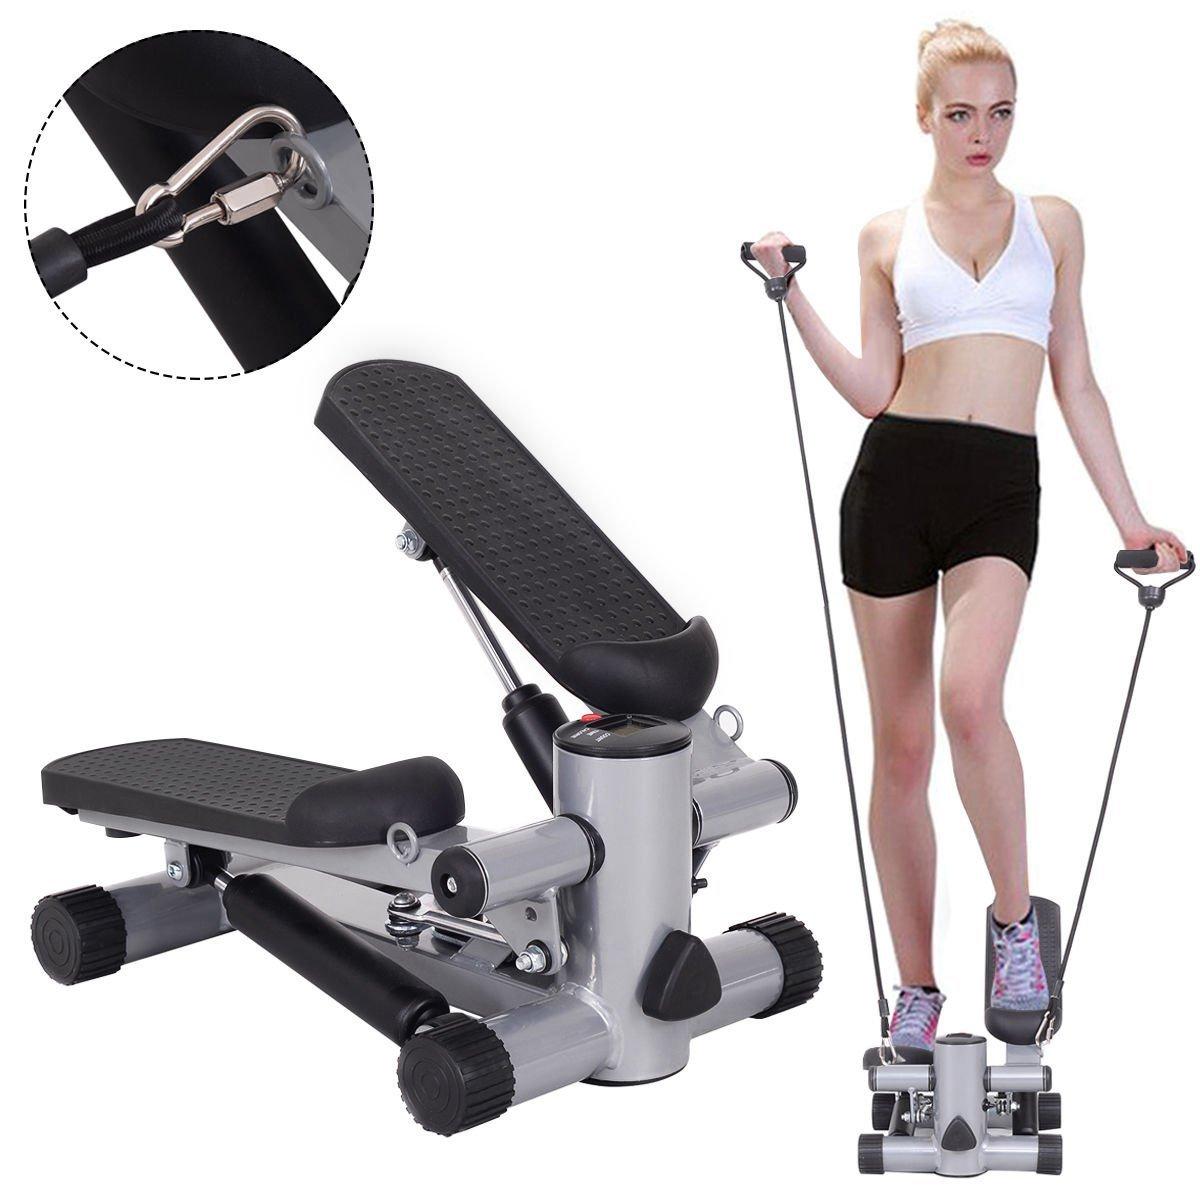 Ejercicio aerobico para bajar de peso en casa